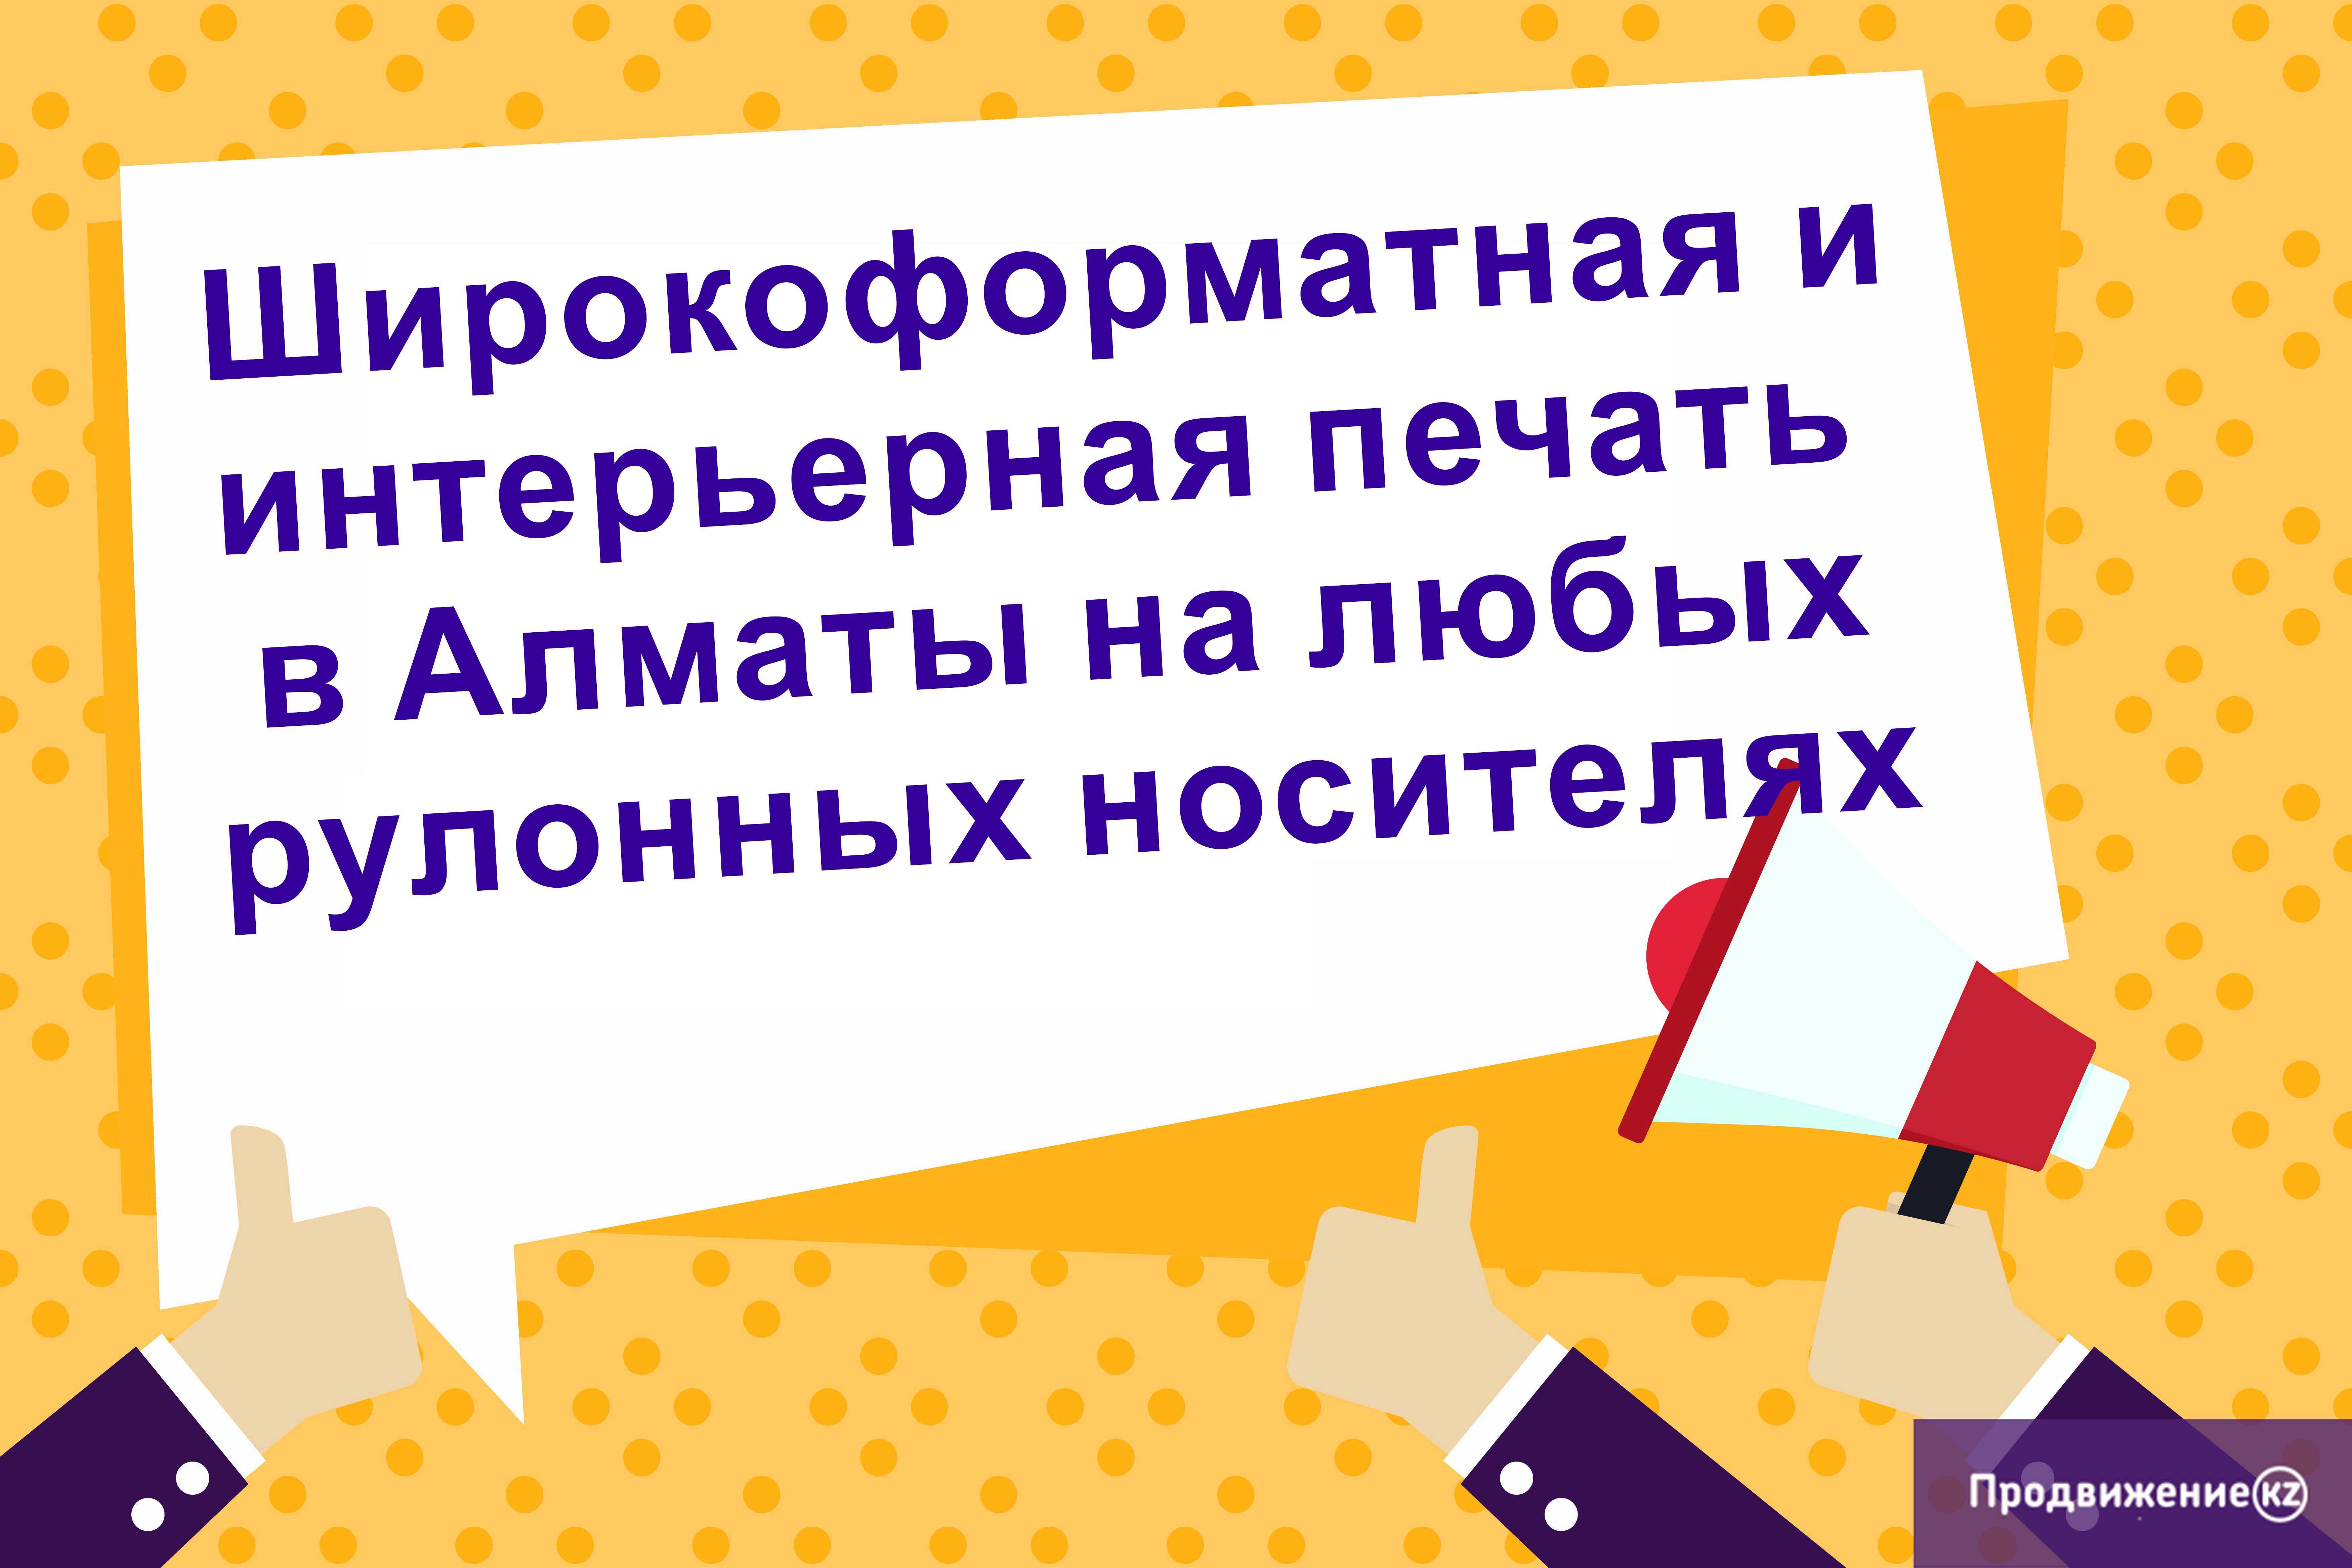 Широкоформатная и интерьерная печать в Алматы на любых рулонных носителях